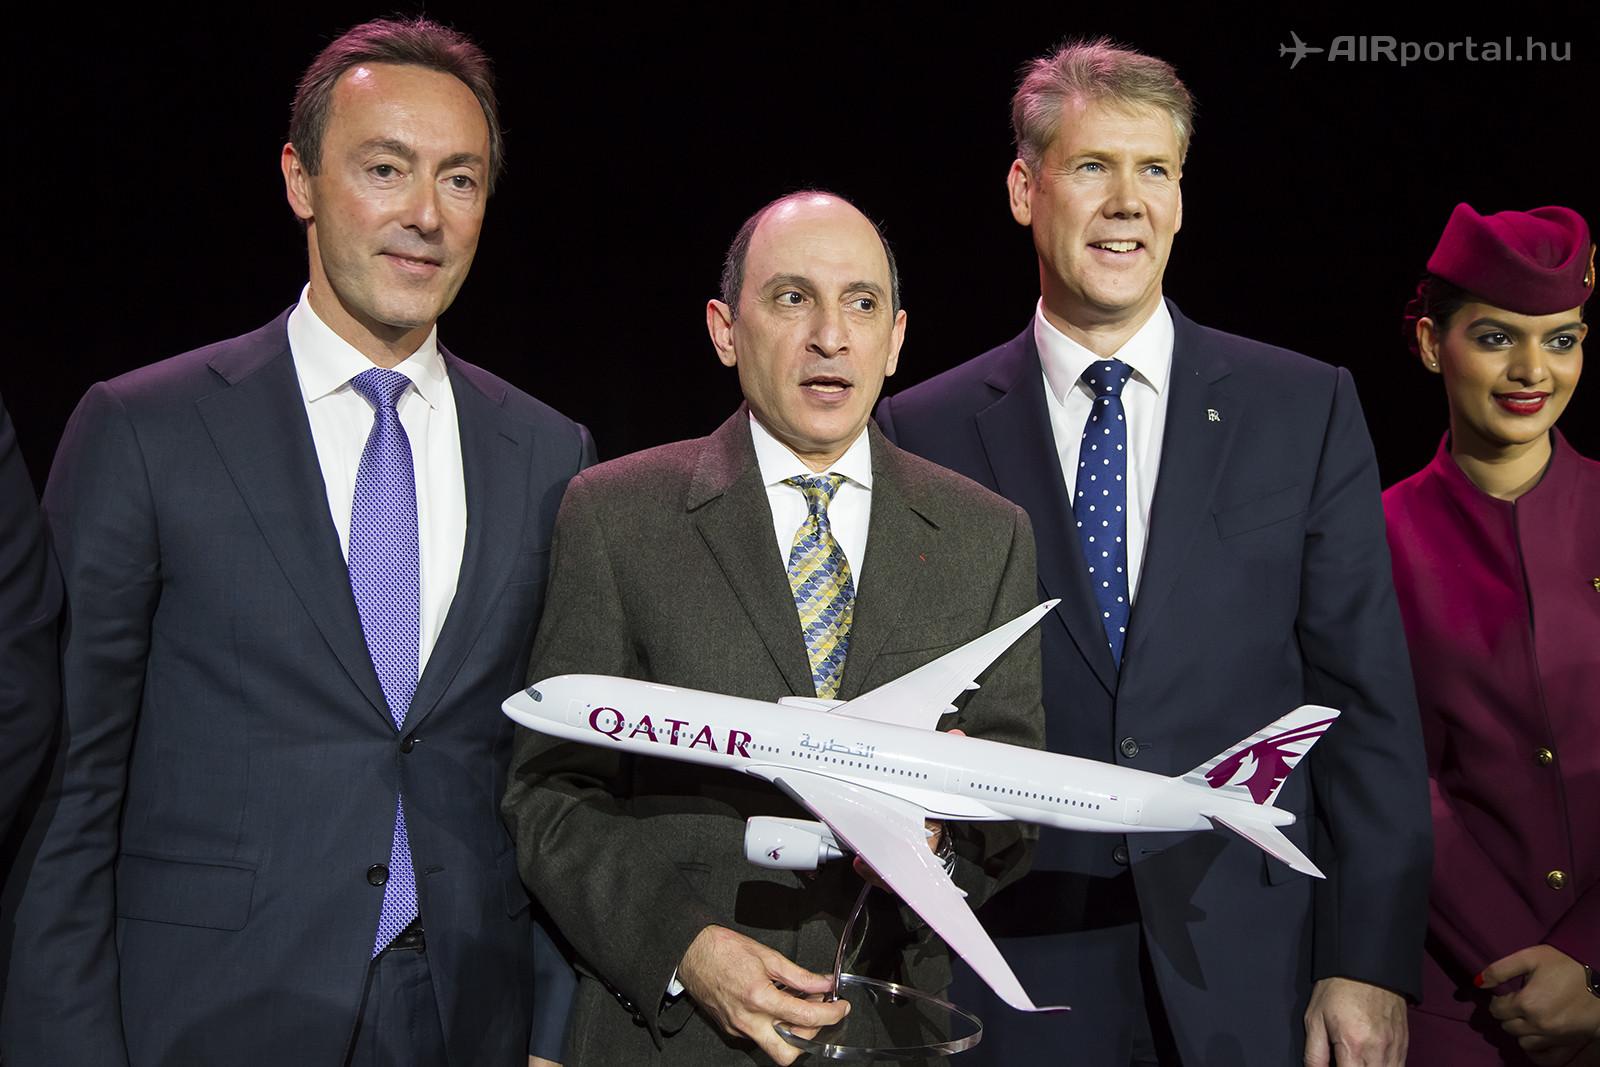 B-J: Frabrice Brégier (Airbus), Akbar Al Baker (Qatar Airways), Tony Wood (Rolls Royce) az első A350 XWB repülőgép átadásán, 2014. december 22-én. (Fotó: AIRportal.hu) | © AIRportal.hu